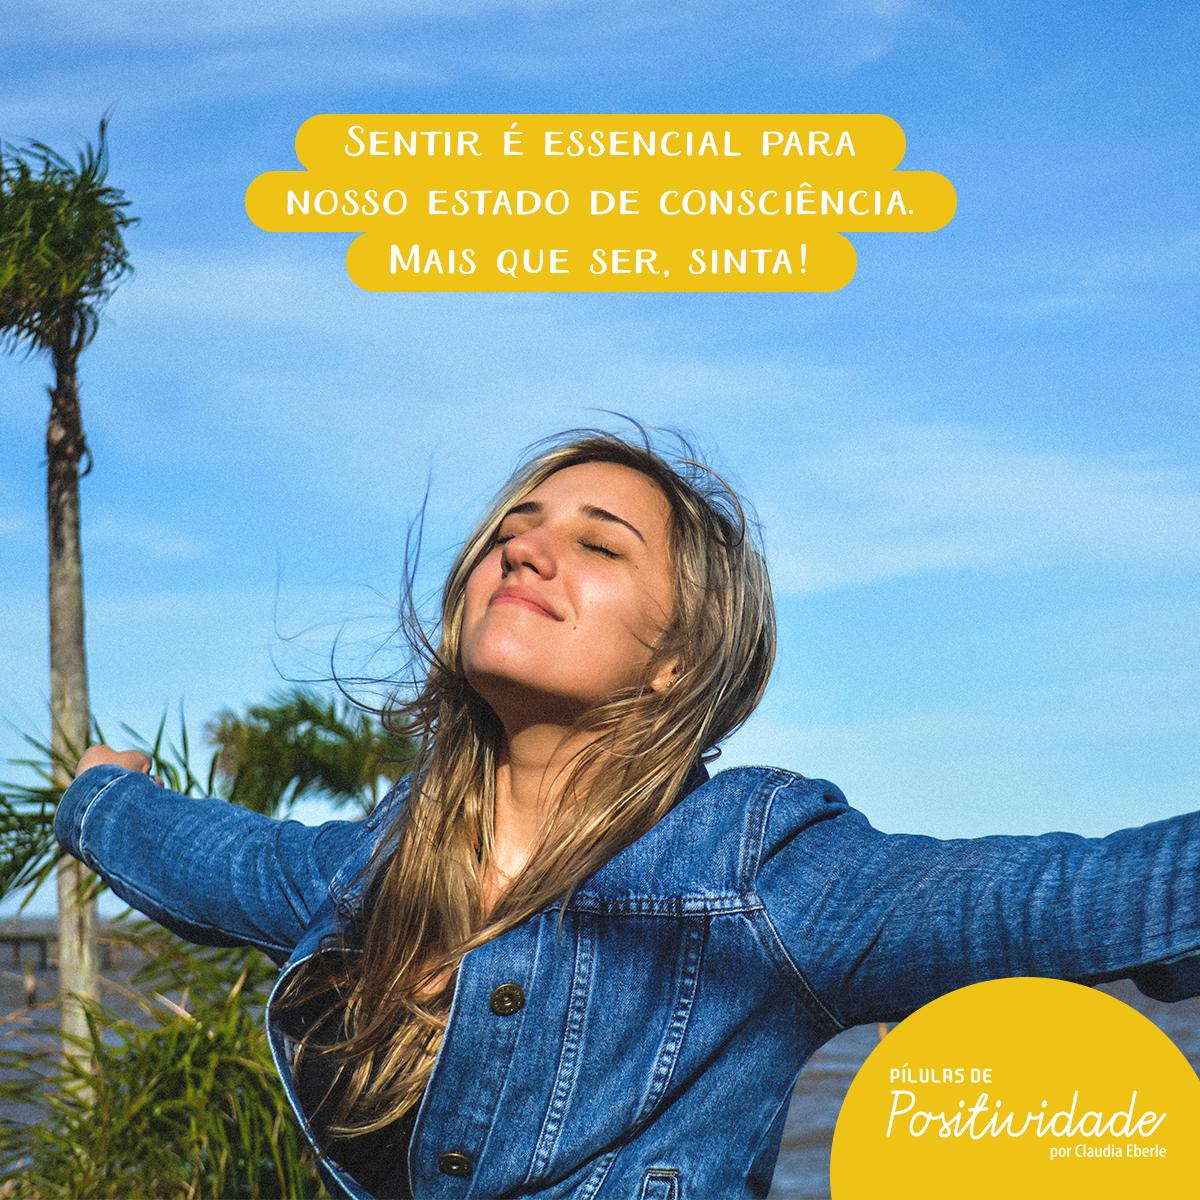 Sentir é essencial para nosso estado de consciência. Mais que ser, sinta !